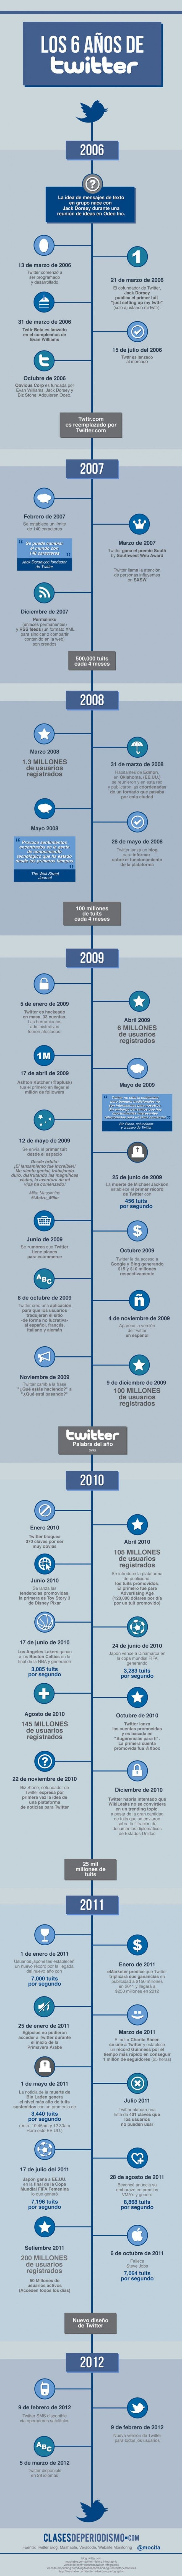 Los seis años de Twitter: Media Infographi, Twitter Infografía, Social Media, Infografia Sei, Year, De Twitter, Infografia Socialmedia, Sei Año, Rede Social